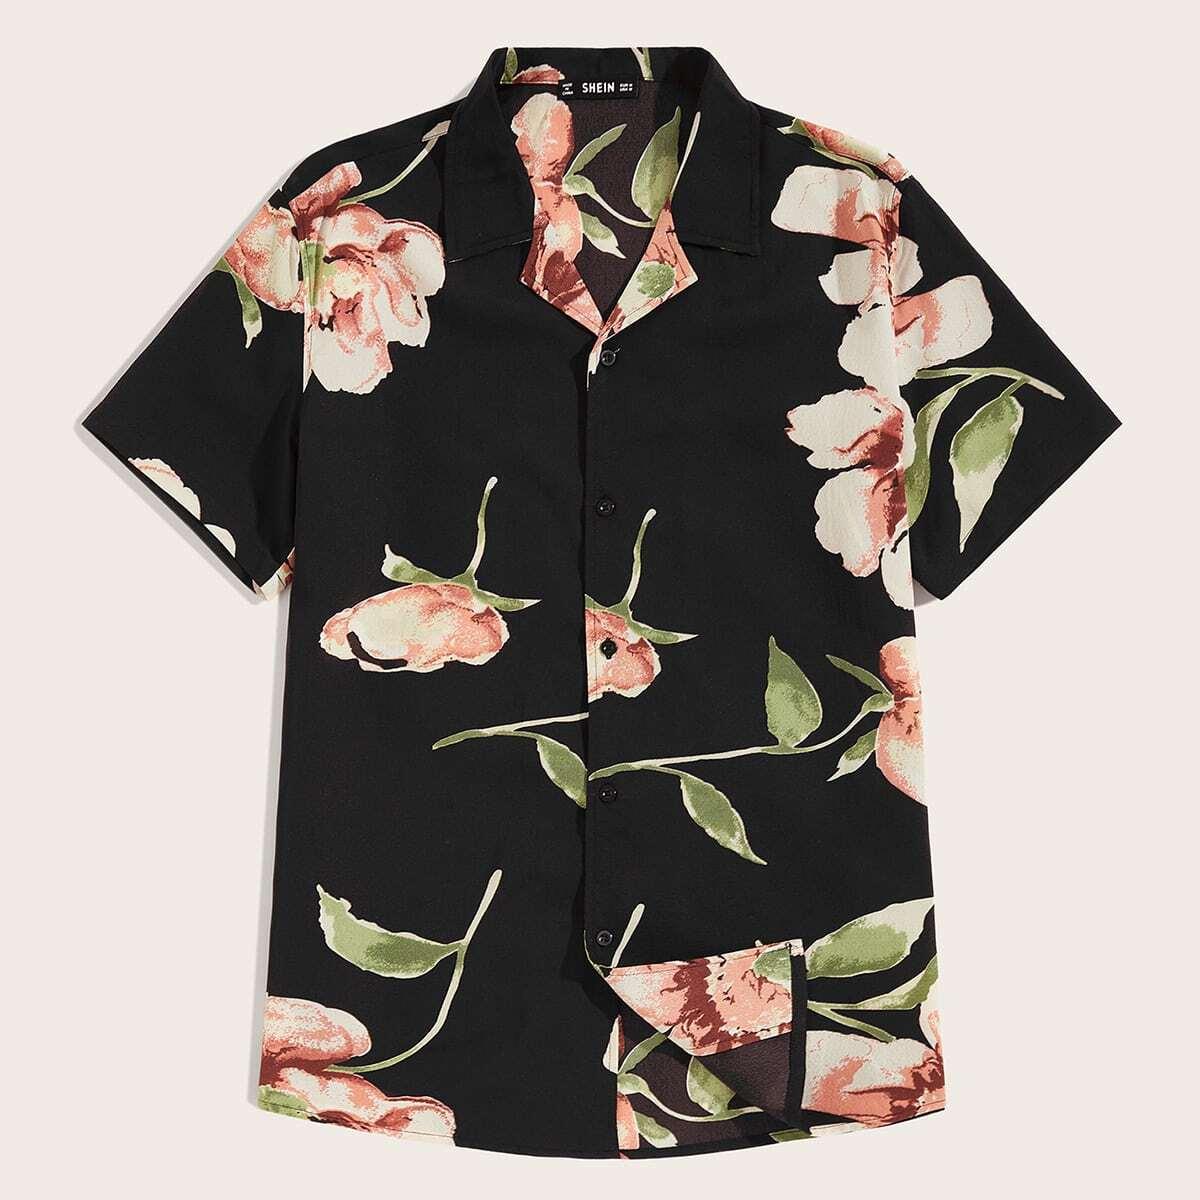 Veel kleurig Casual Bloemen Overhemden voor heren Knoop